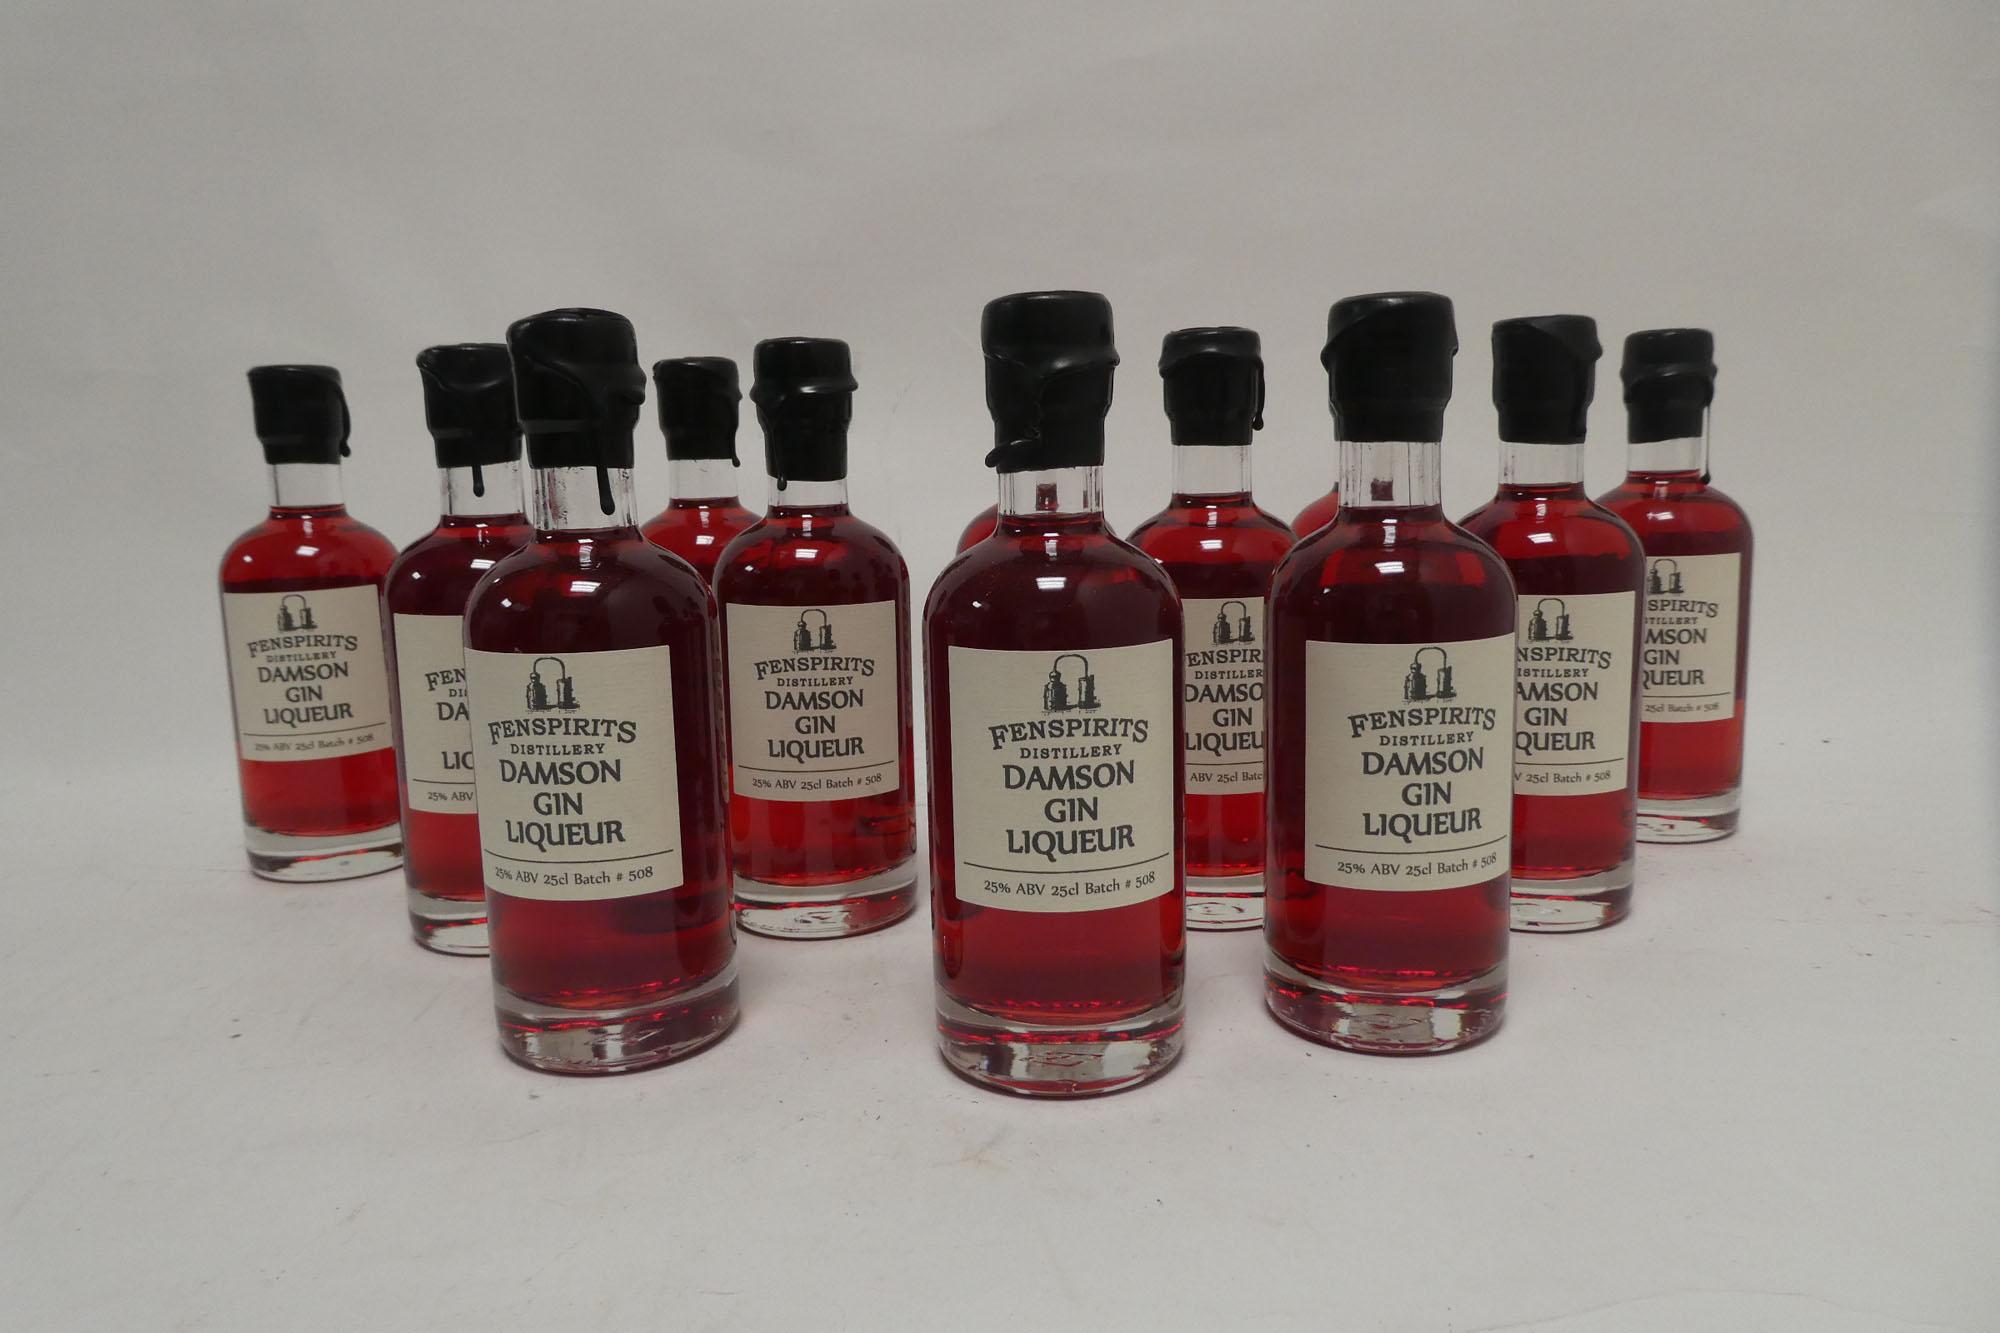 12 small bottles of Fenspirits Distillery Damson Gin Liqueur Batch 508 25cl 25% each (Note VAT